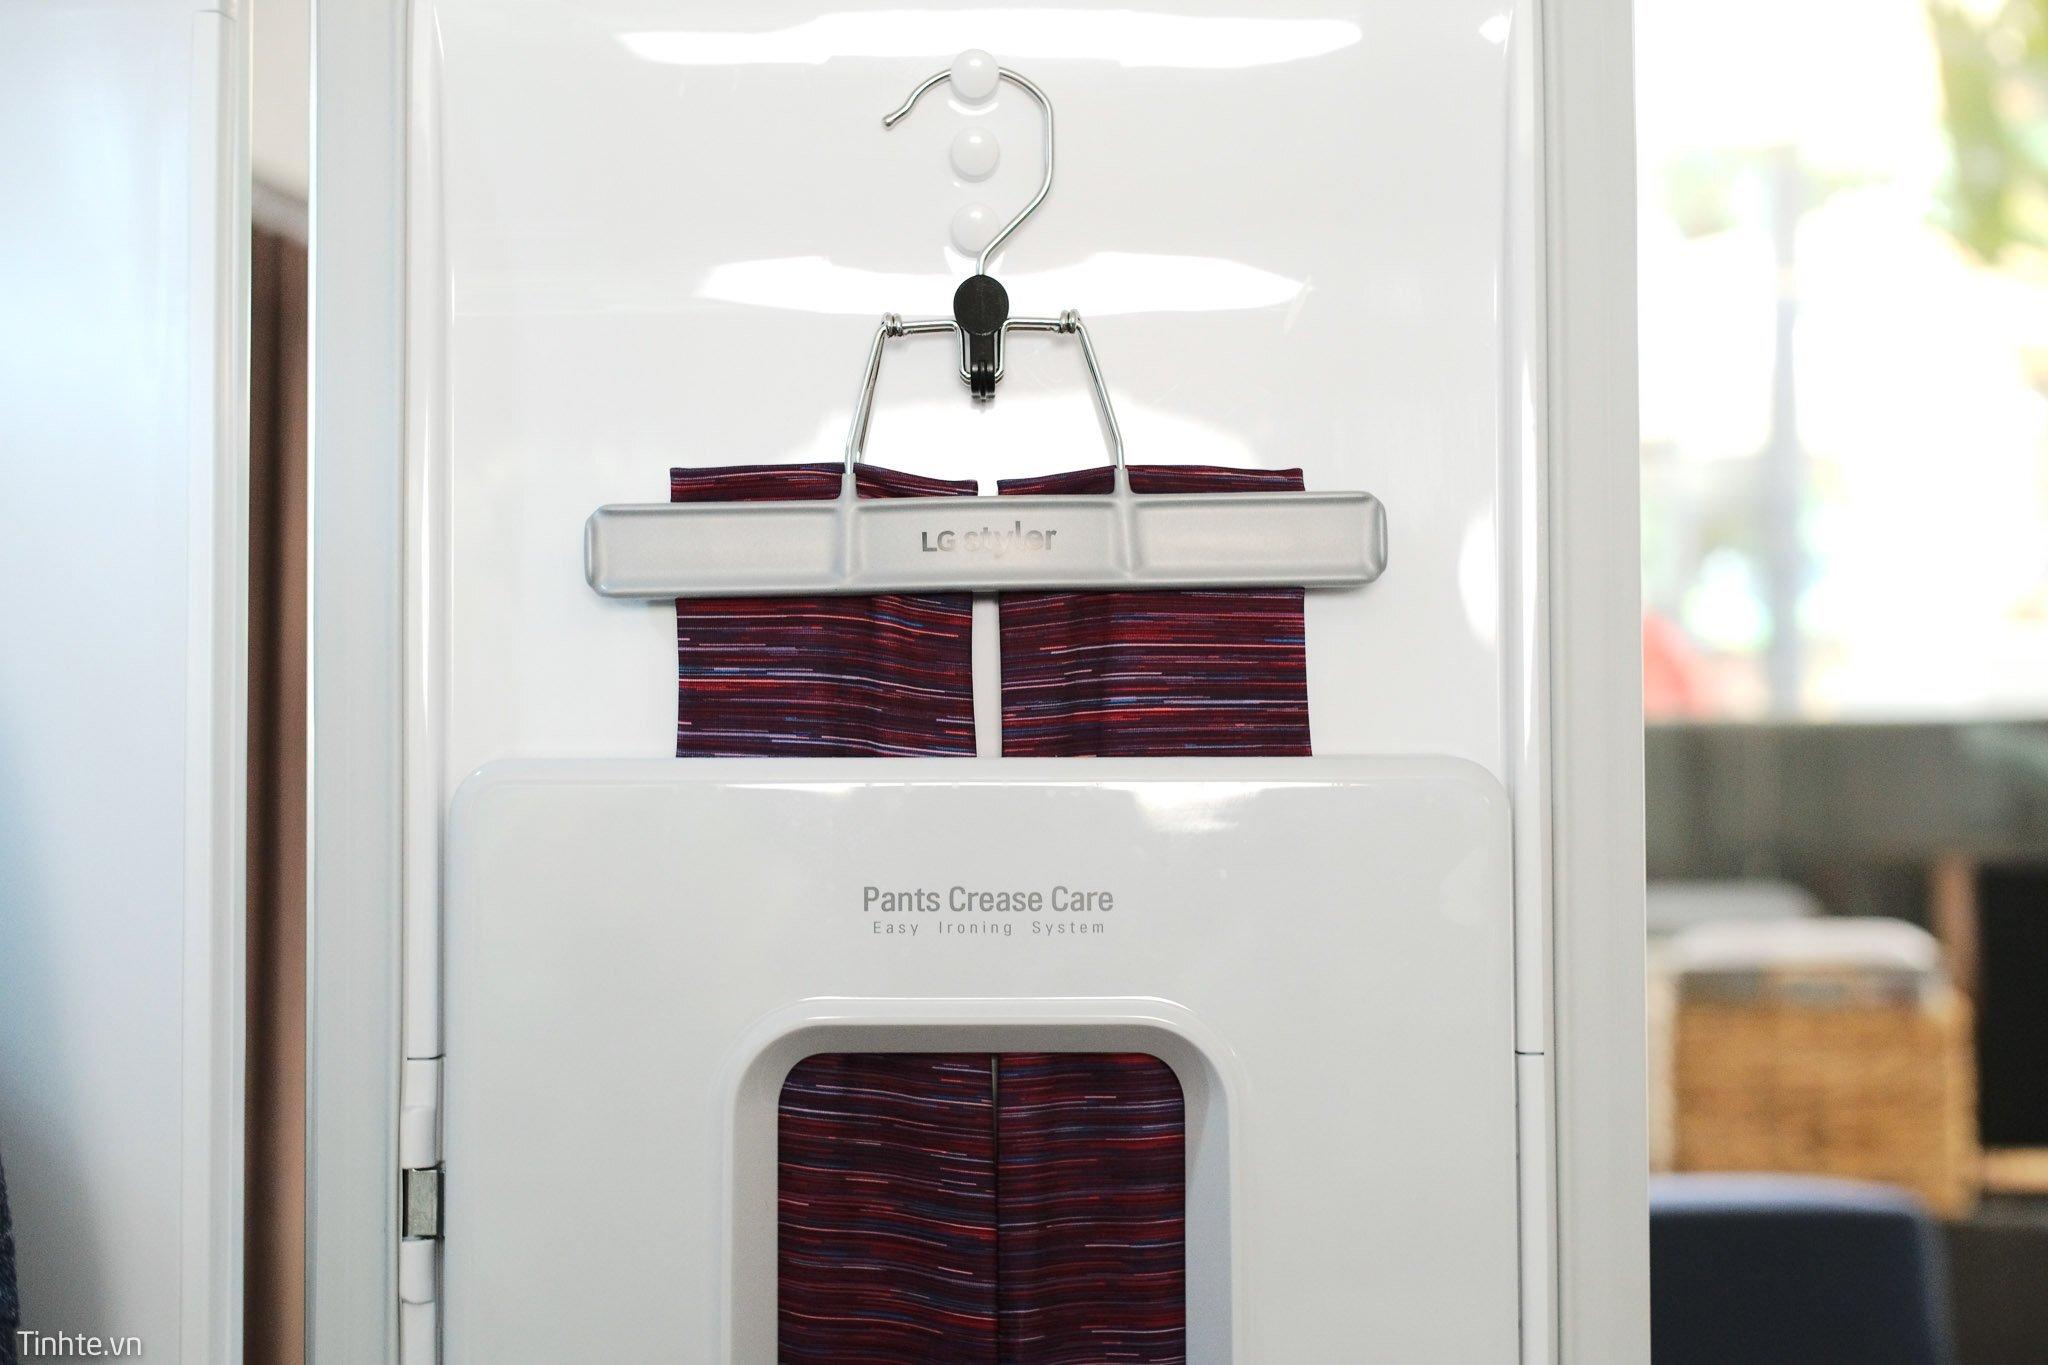 Cận cảnh tủ quần áo thông minh LG Styler